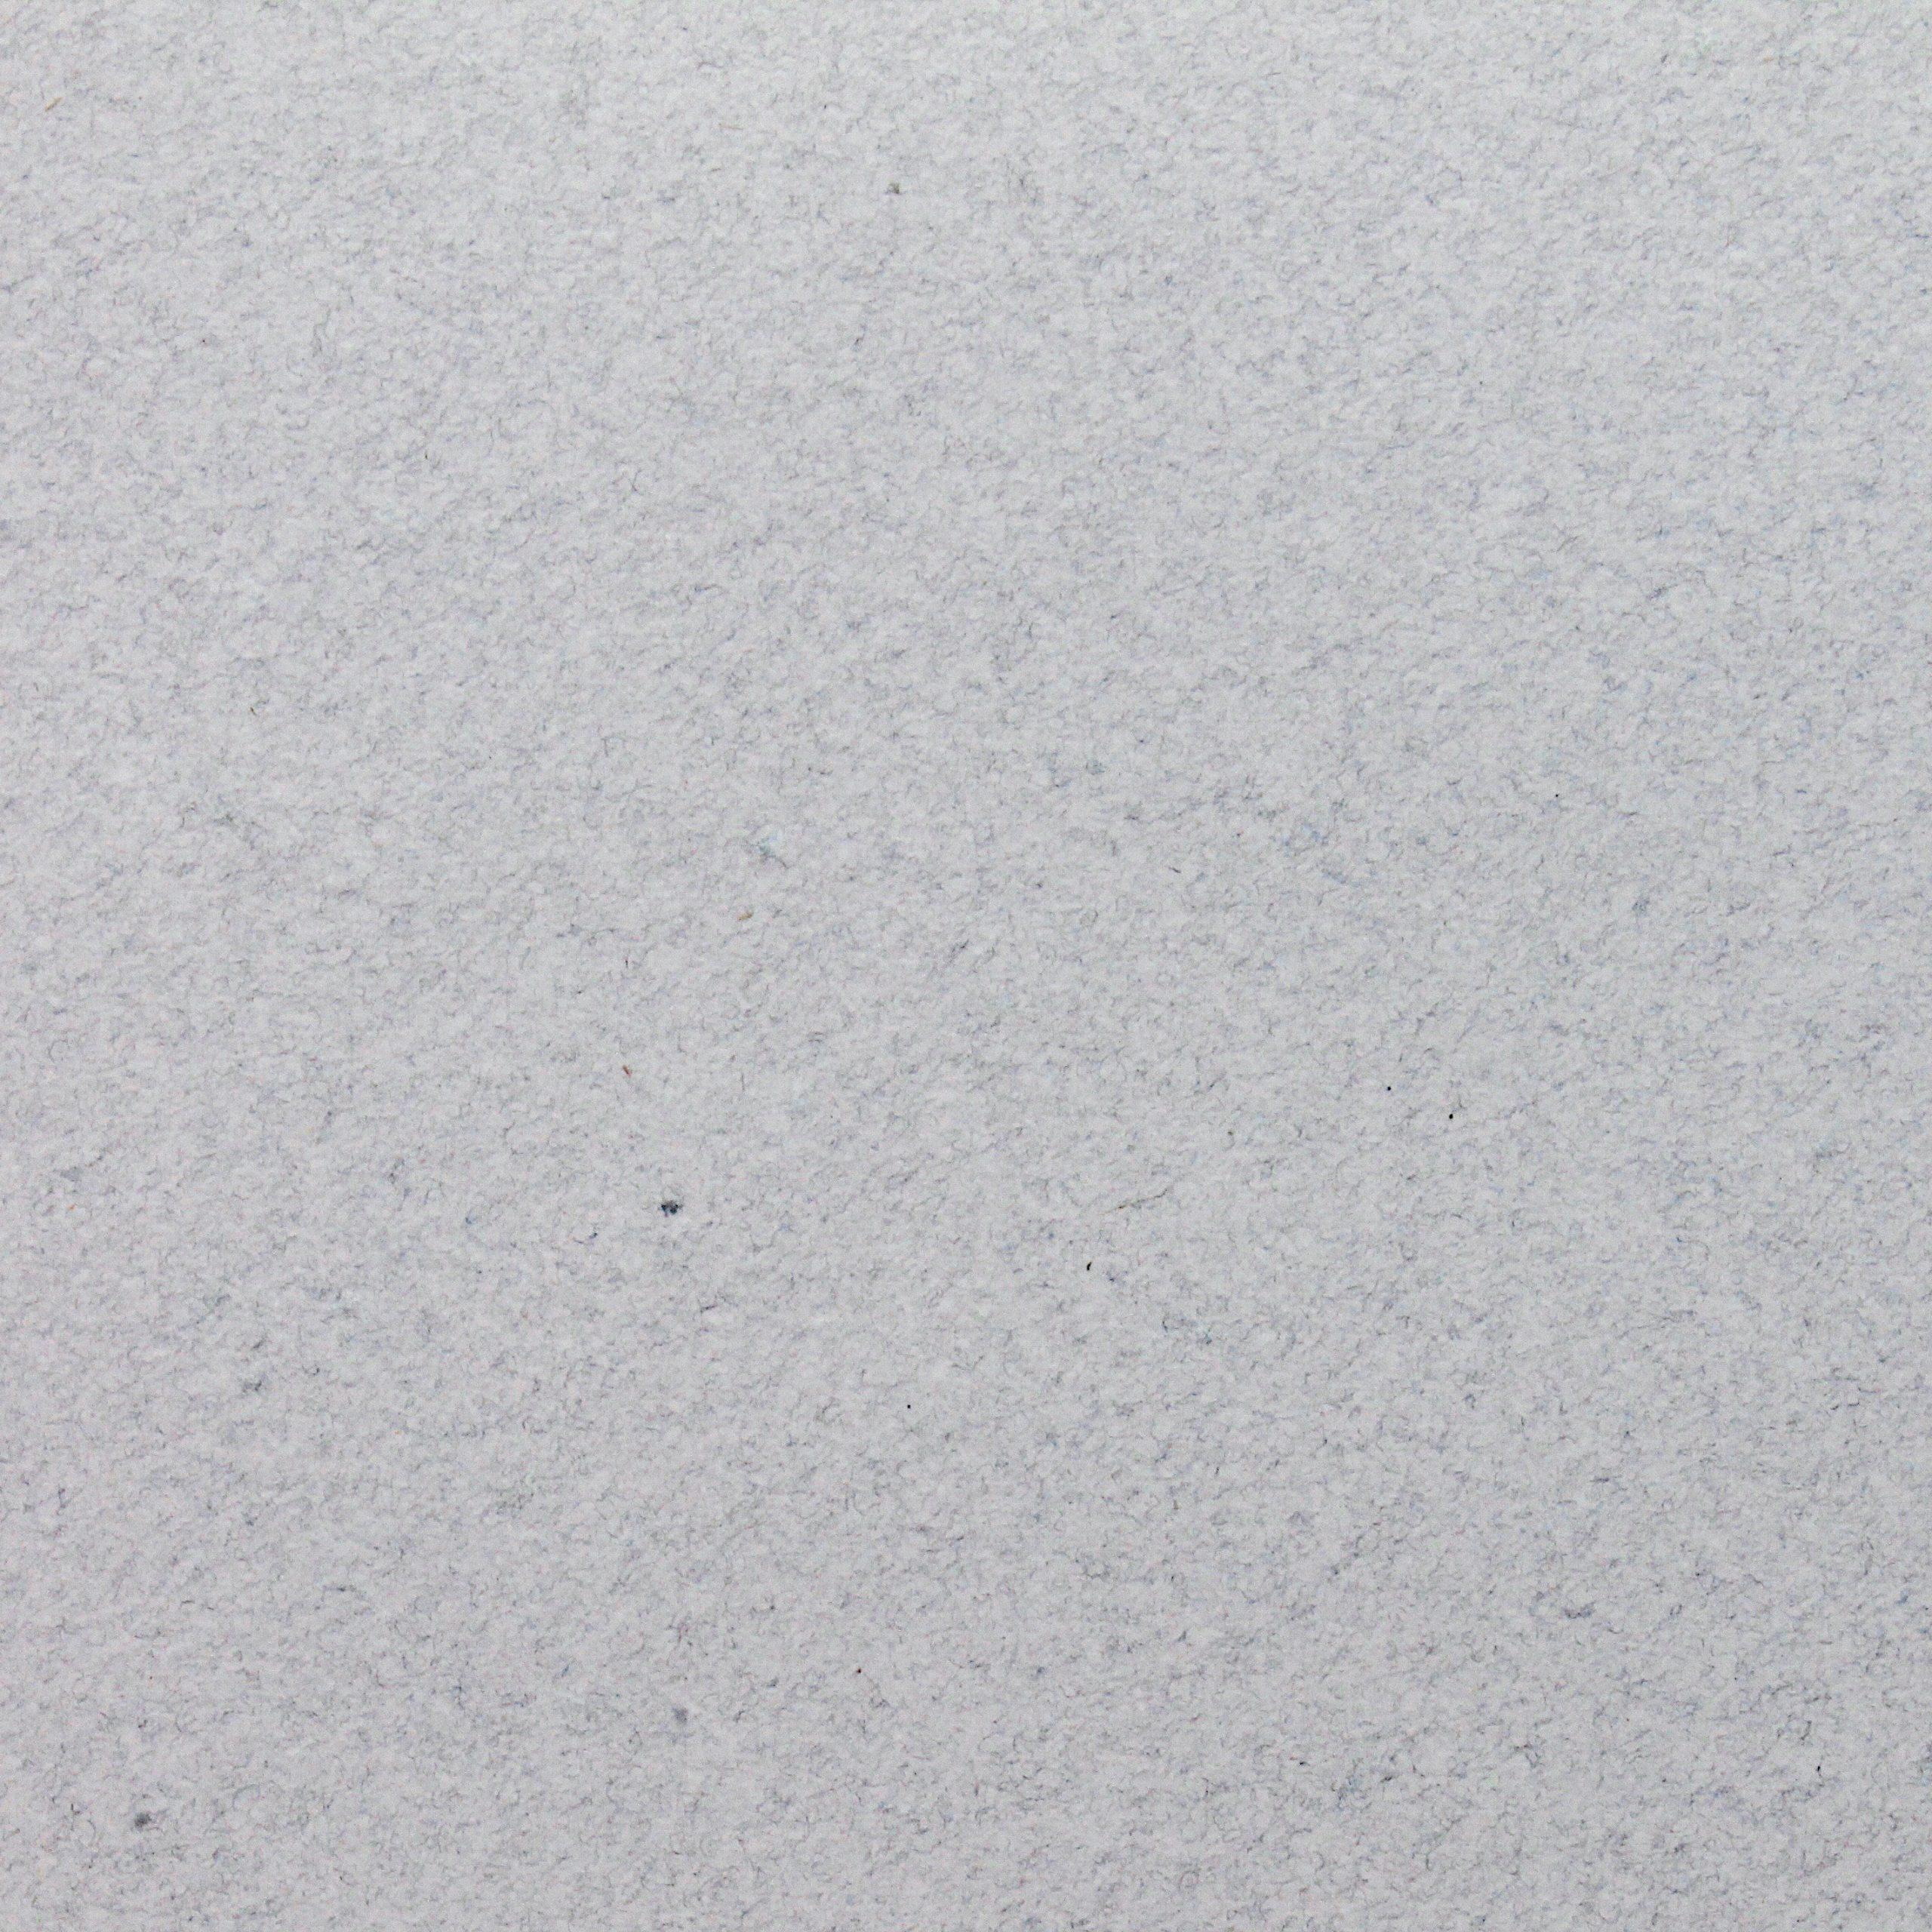 papel de algodon gris